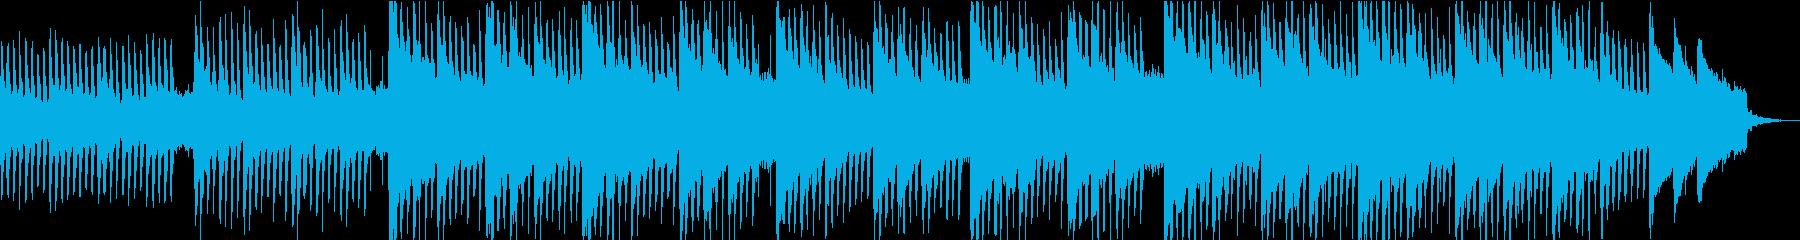 クール・幻想的・美しい・コーポレートの再生済みの波形